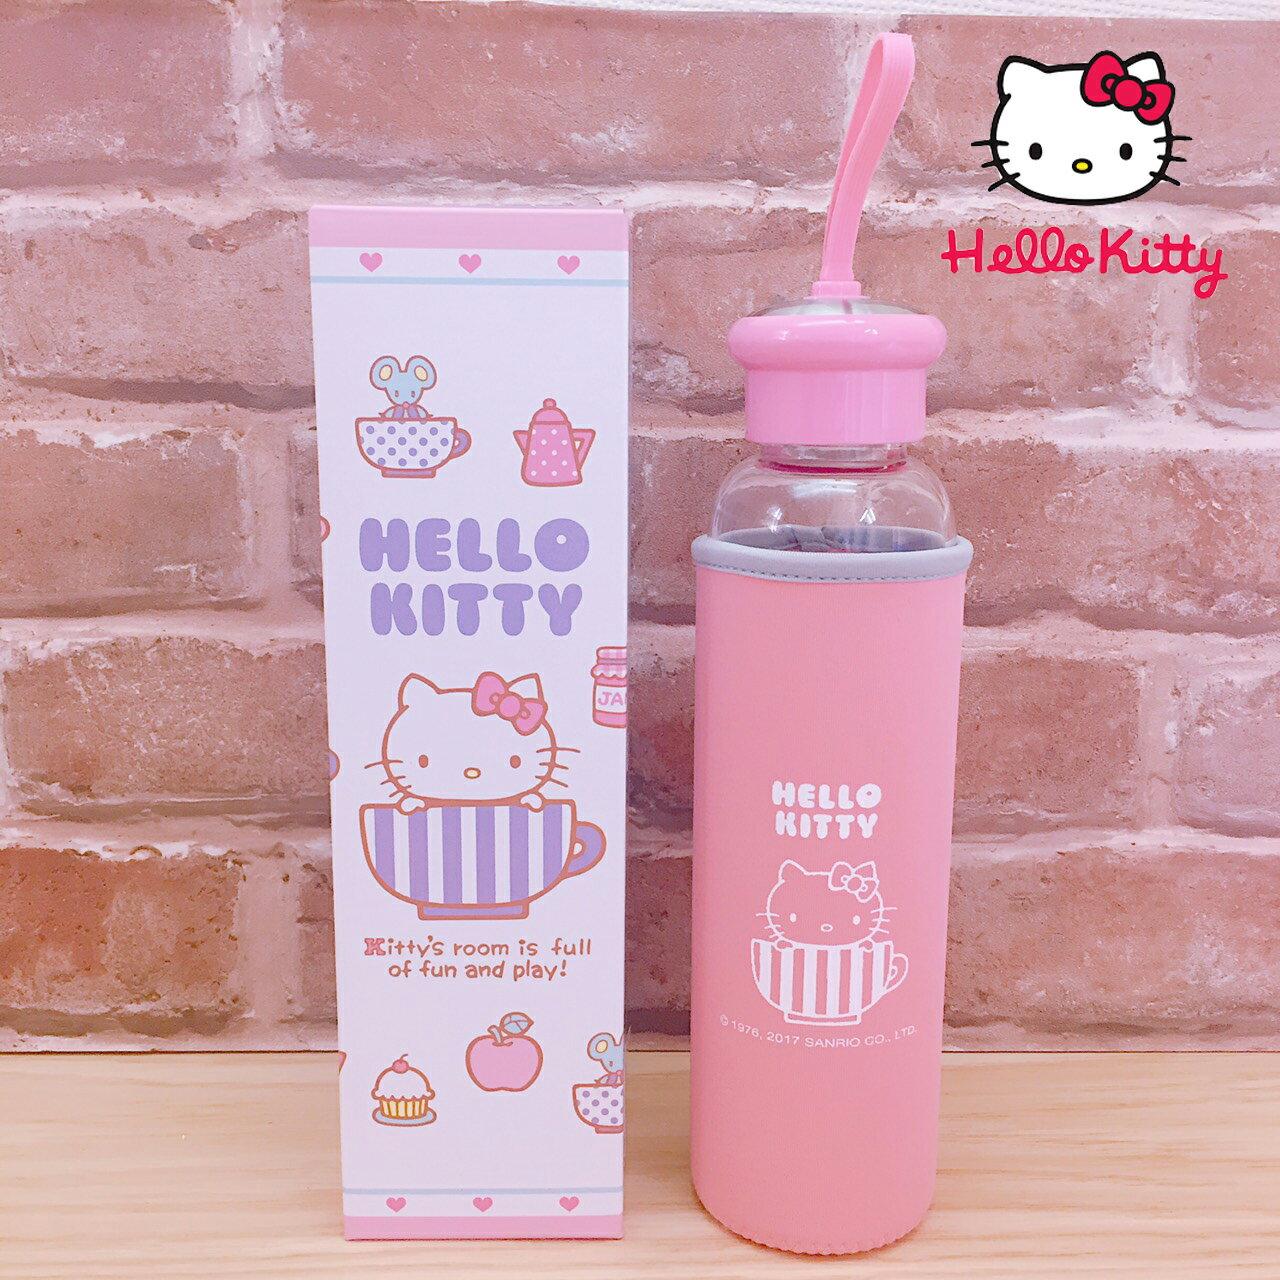 【真愛日本】17071400023 晶透耐熱玻璃瓶附布套-KT粉 三麗鷗 Hello Kitty 凱蒂貓 水瓶 水壺